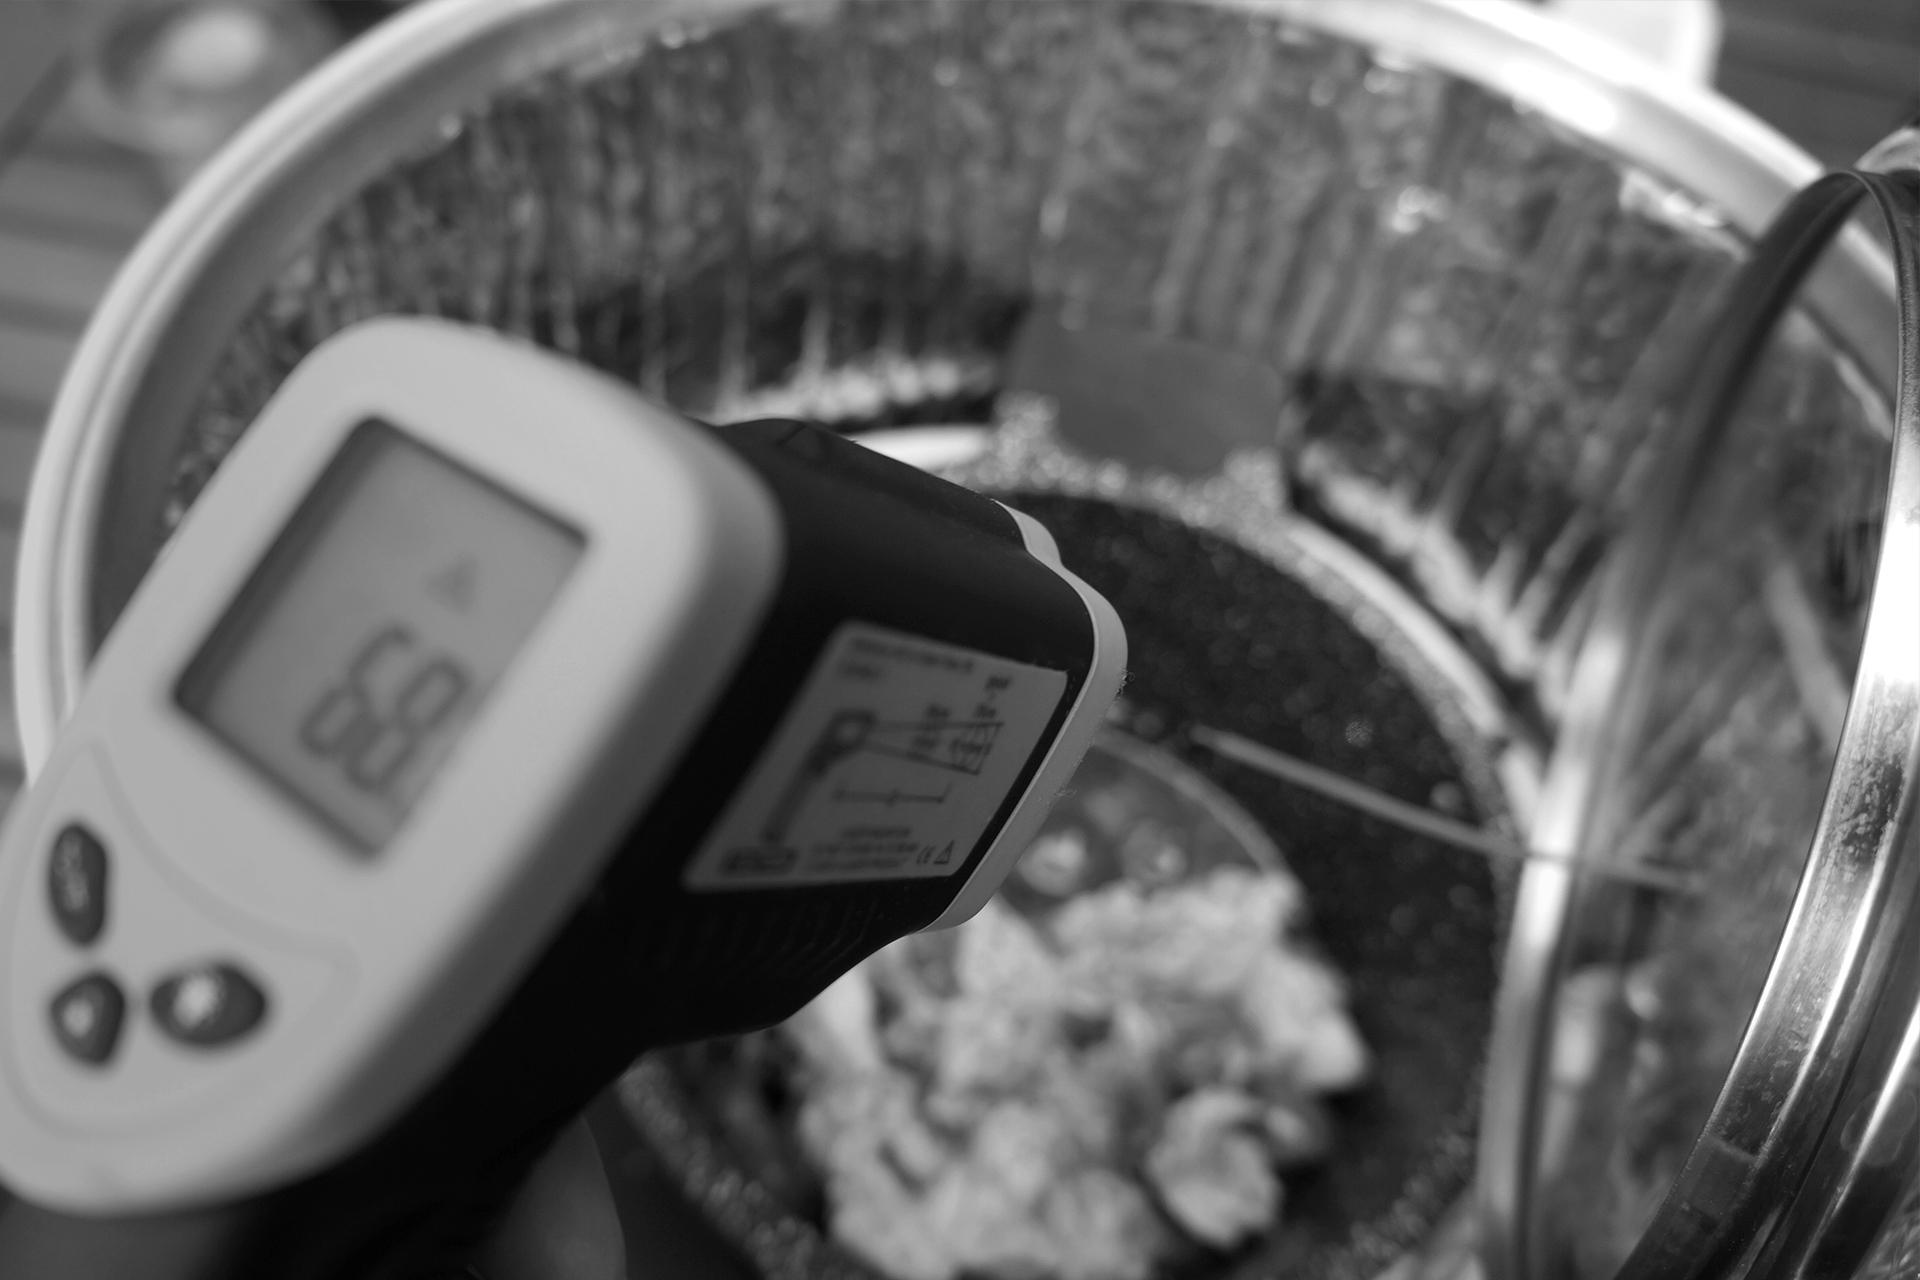 Solari - Press - Infrared Camera